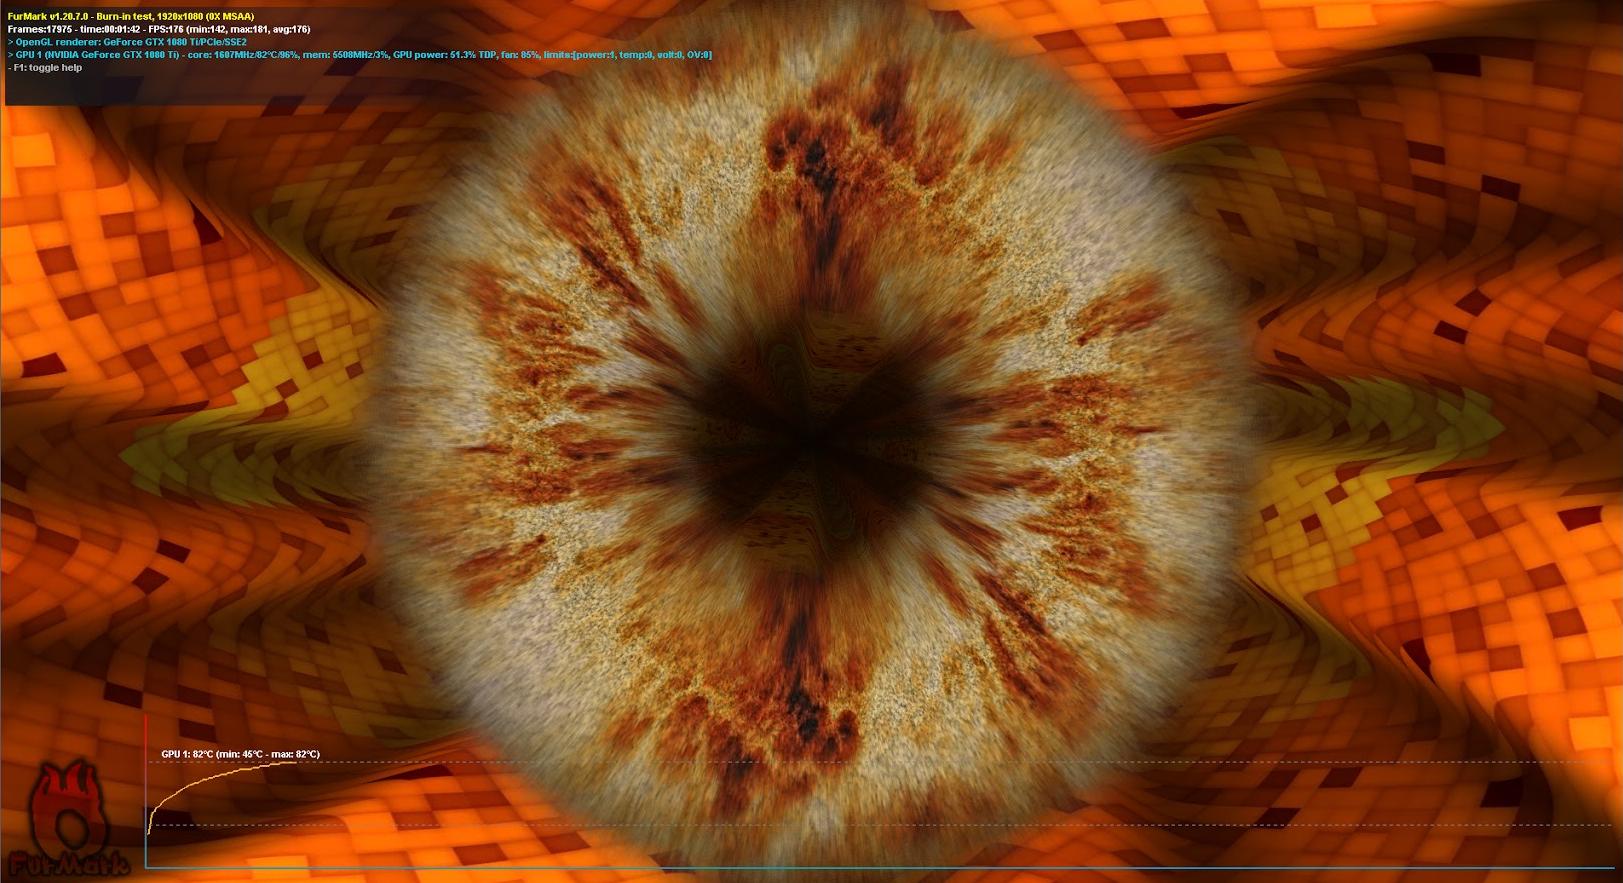 Знаменитый «волосатый бублик» — программа Furmark с изображением подвижного мехового круга, которая заставляет видеокарту работать на полную. Ей обычно проверяют видеокарты